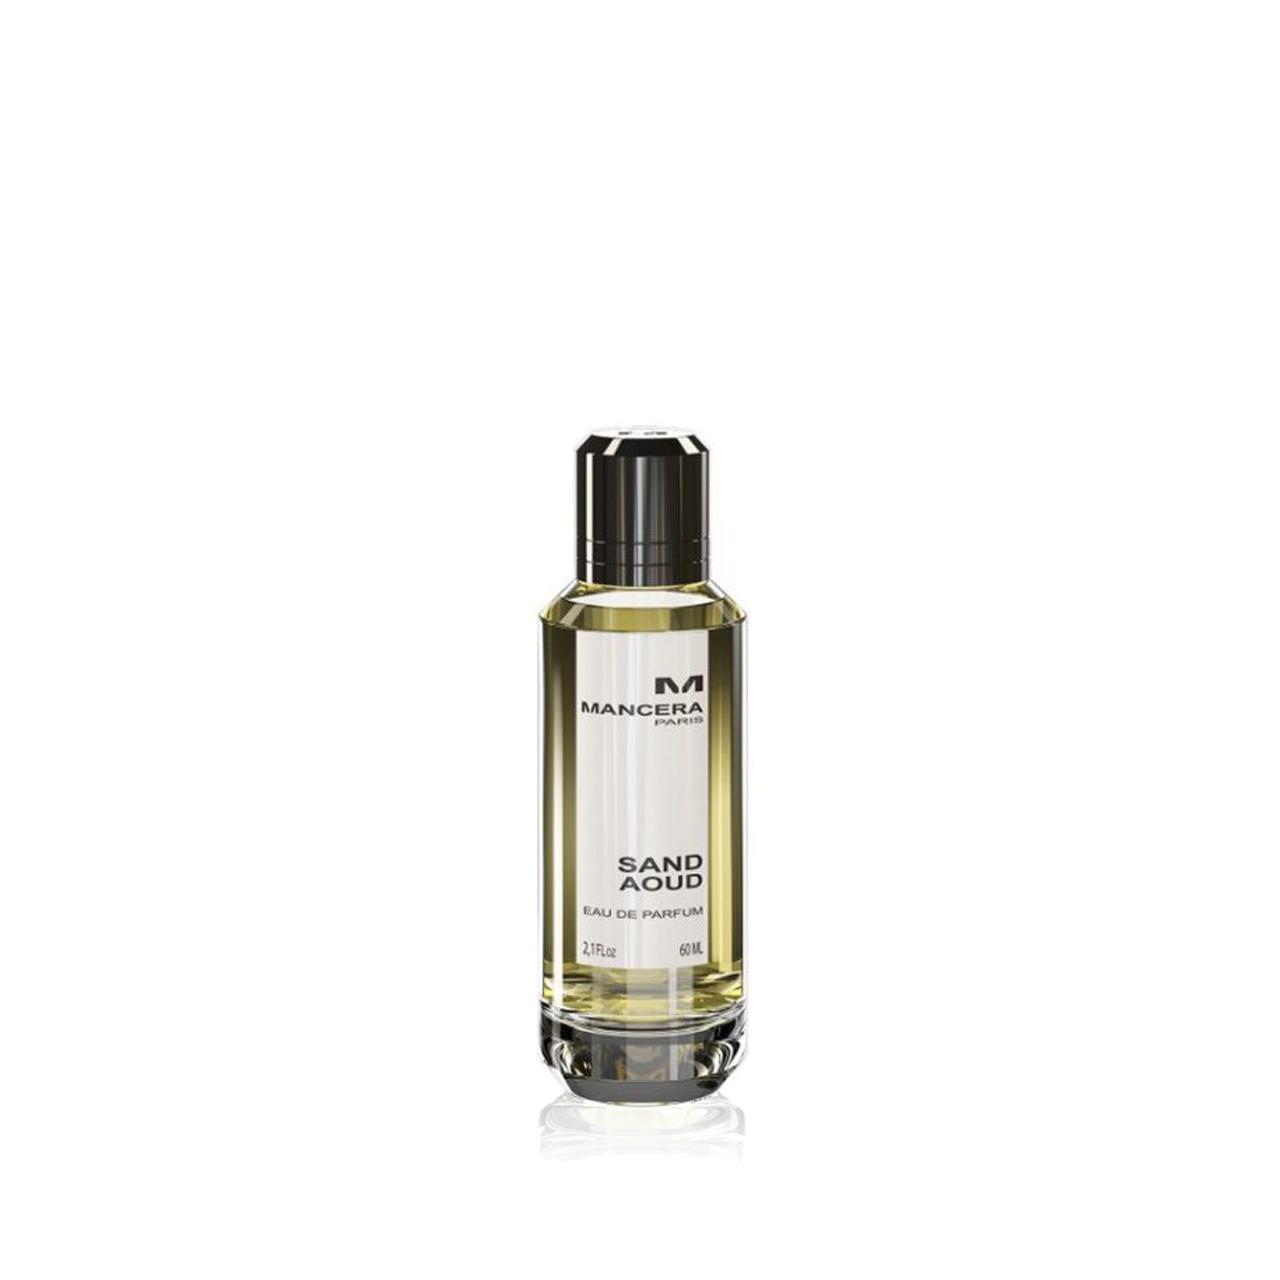 Sand Aoud - Eau de Parfum